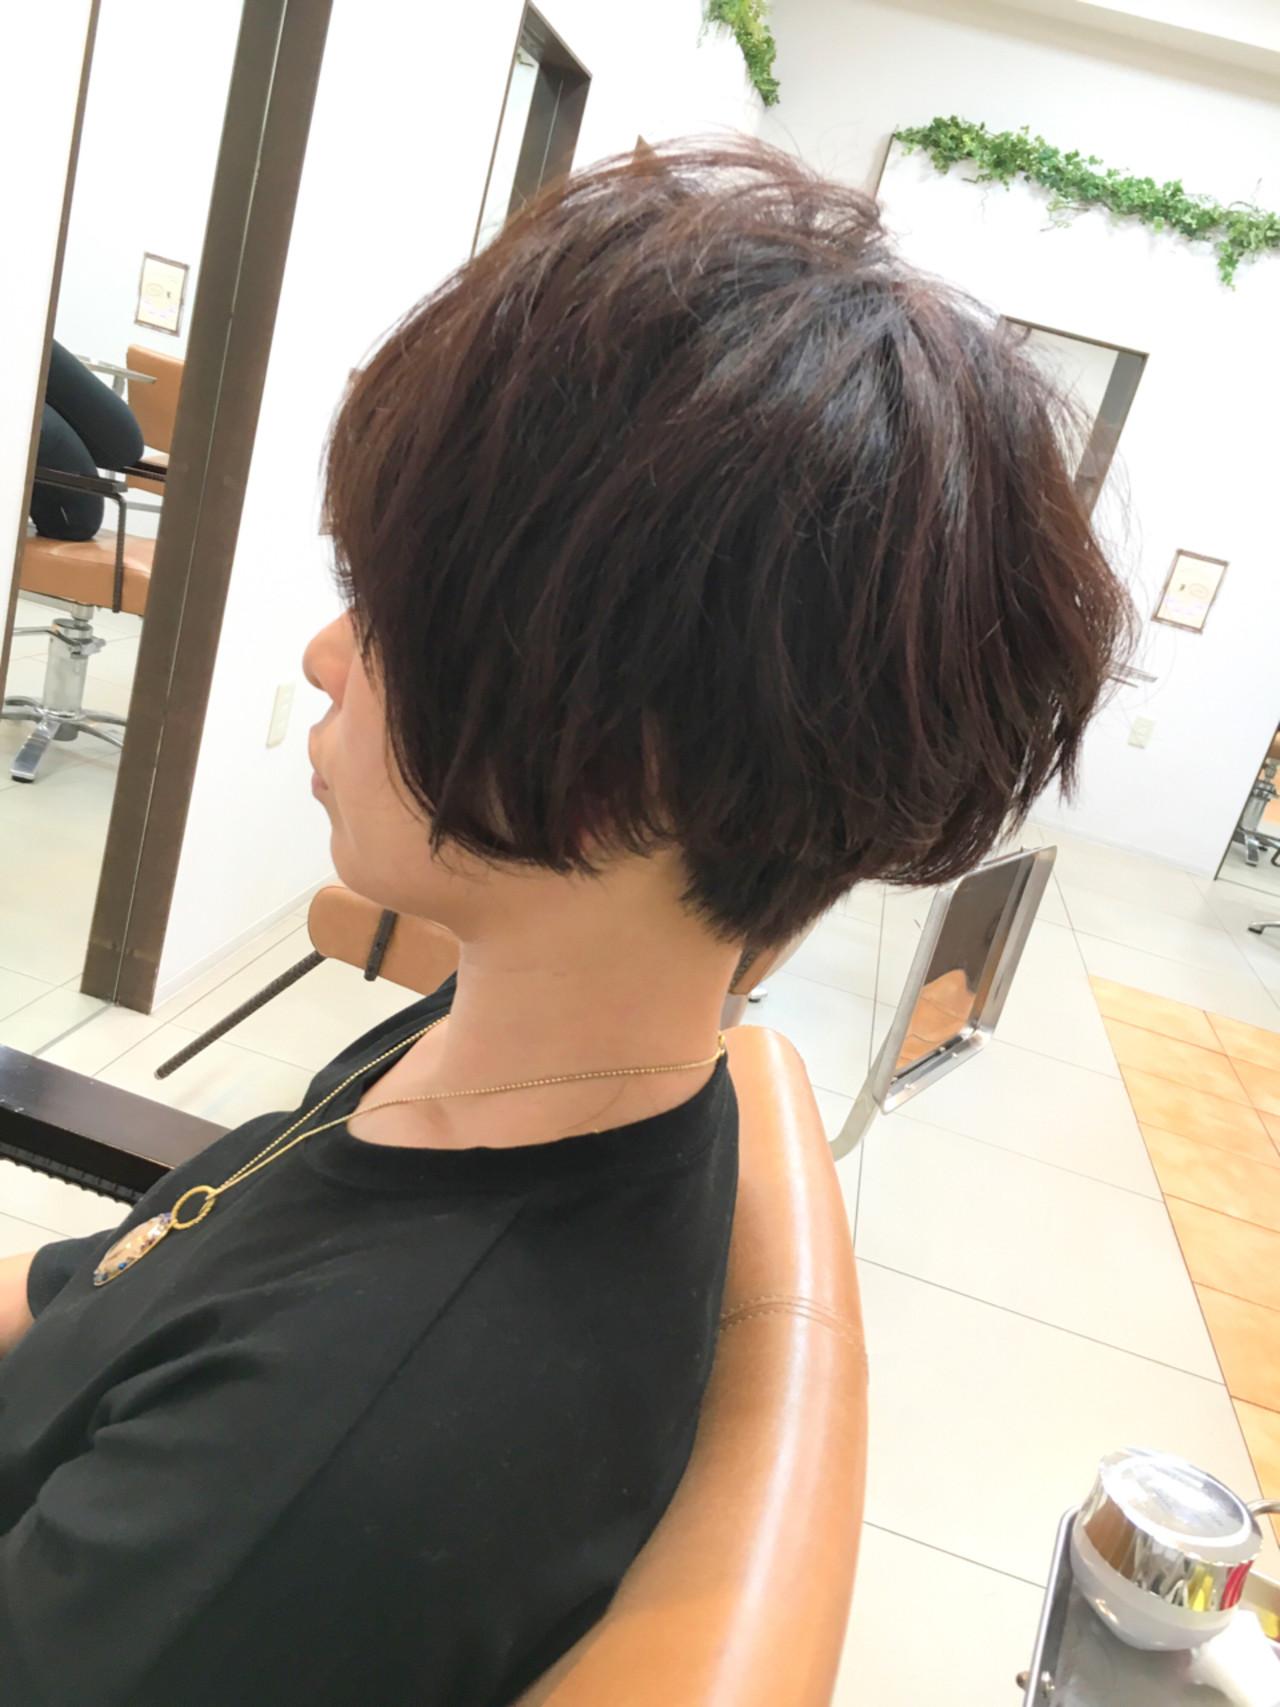 ショートボブ ショート 大人女子 モード ヘアスタイルや髪型の写真・画像